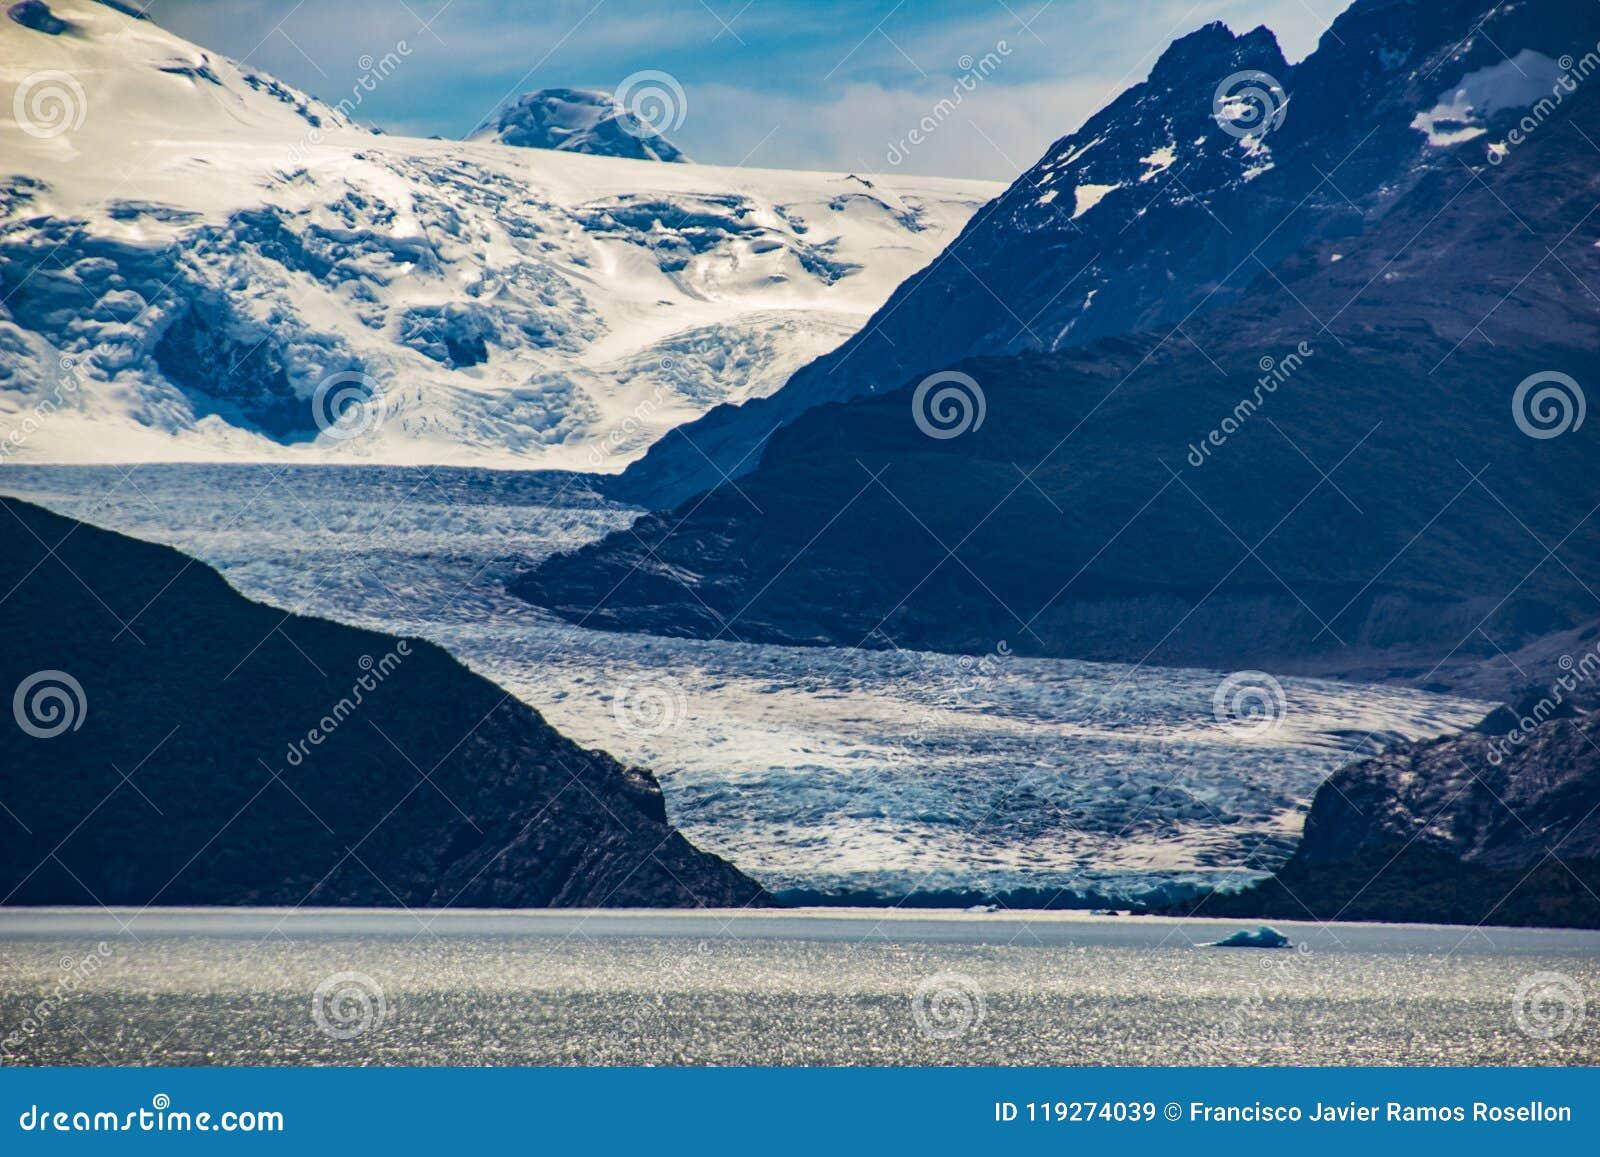 Grey Glacier dentro del parque nacional de Torres del Paine y el venir del campo de hielo del sur el tercero - la reserva más gra